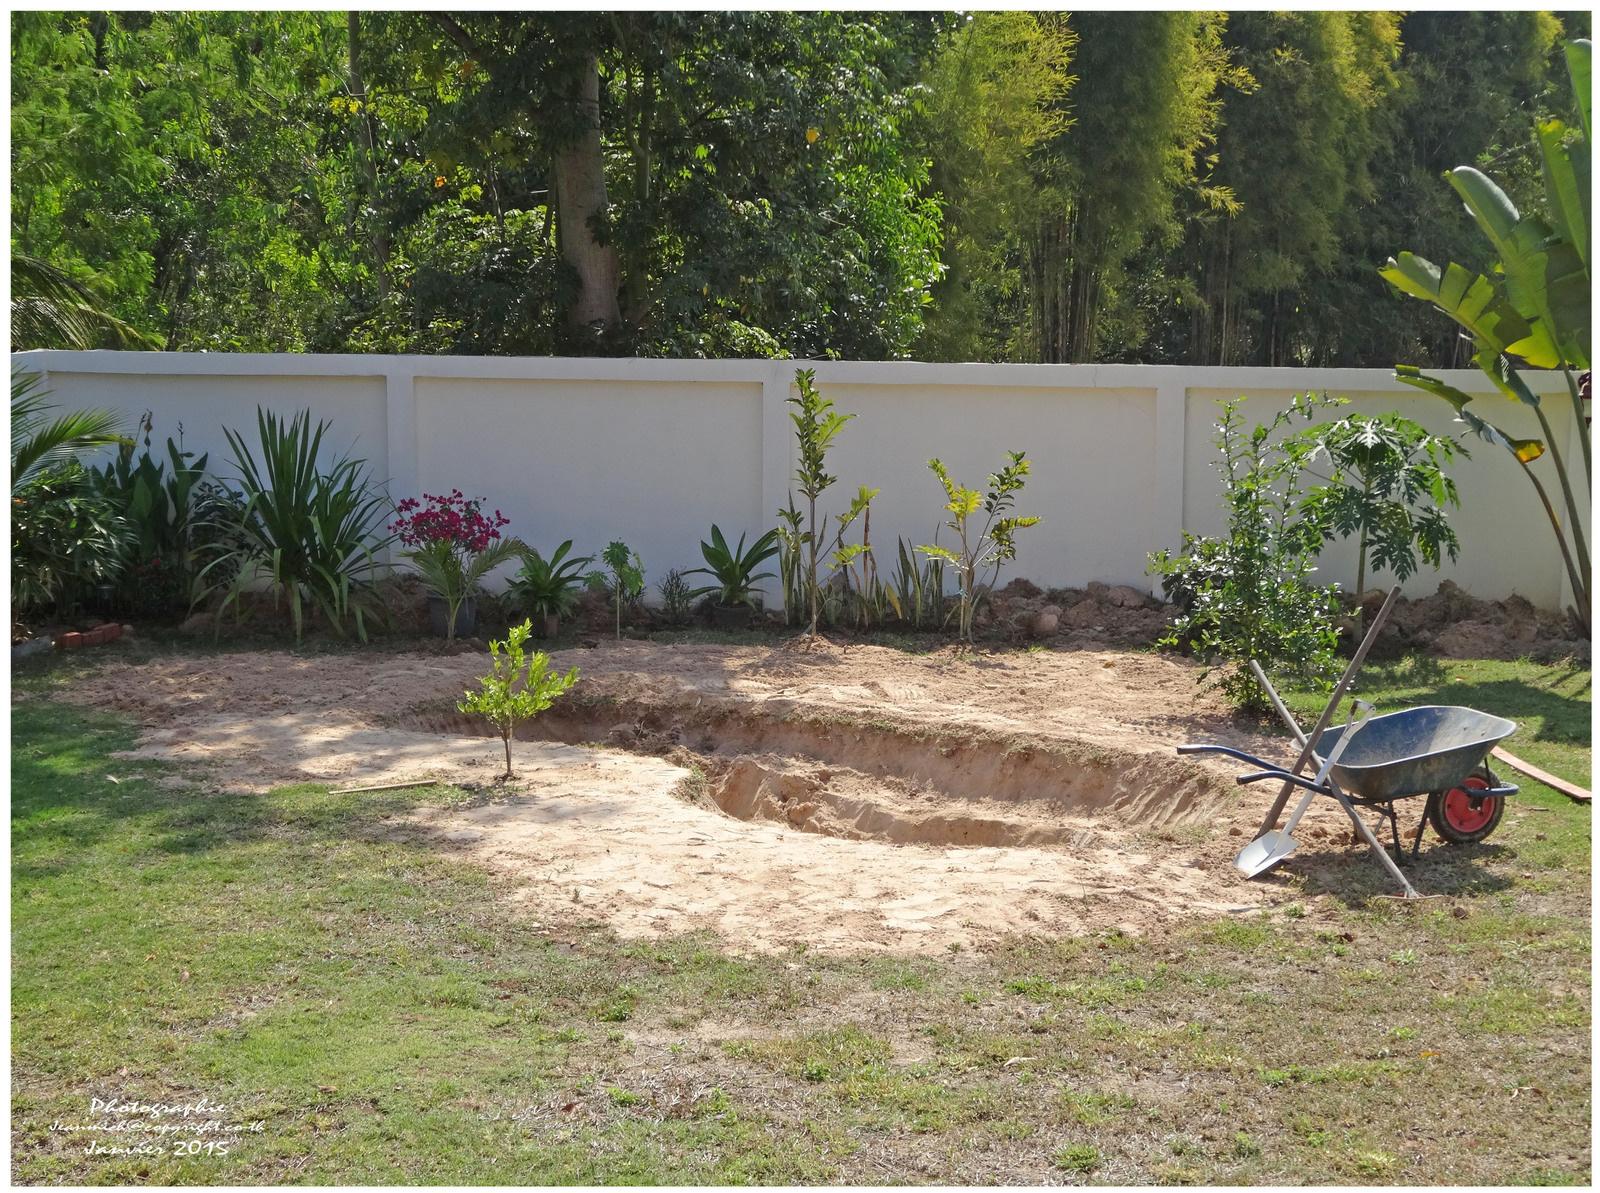 Création D'un Petit Étang Dans Le Jardin. - Le Blog De Khon ... destiné Creation Petit Jardin